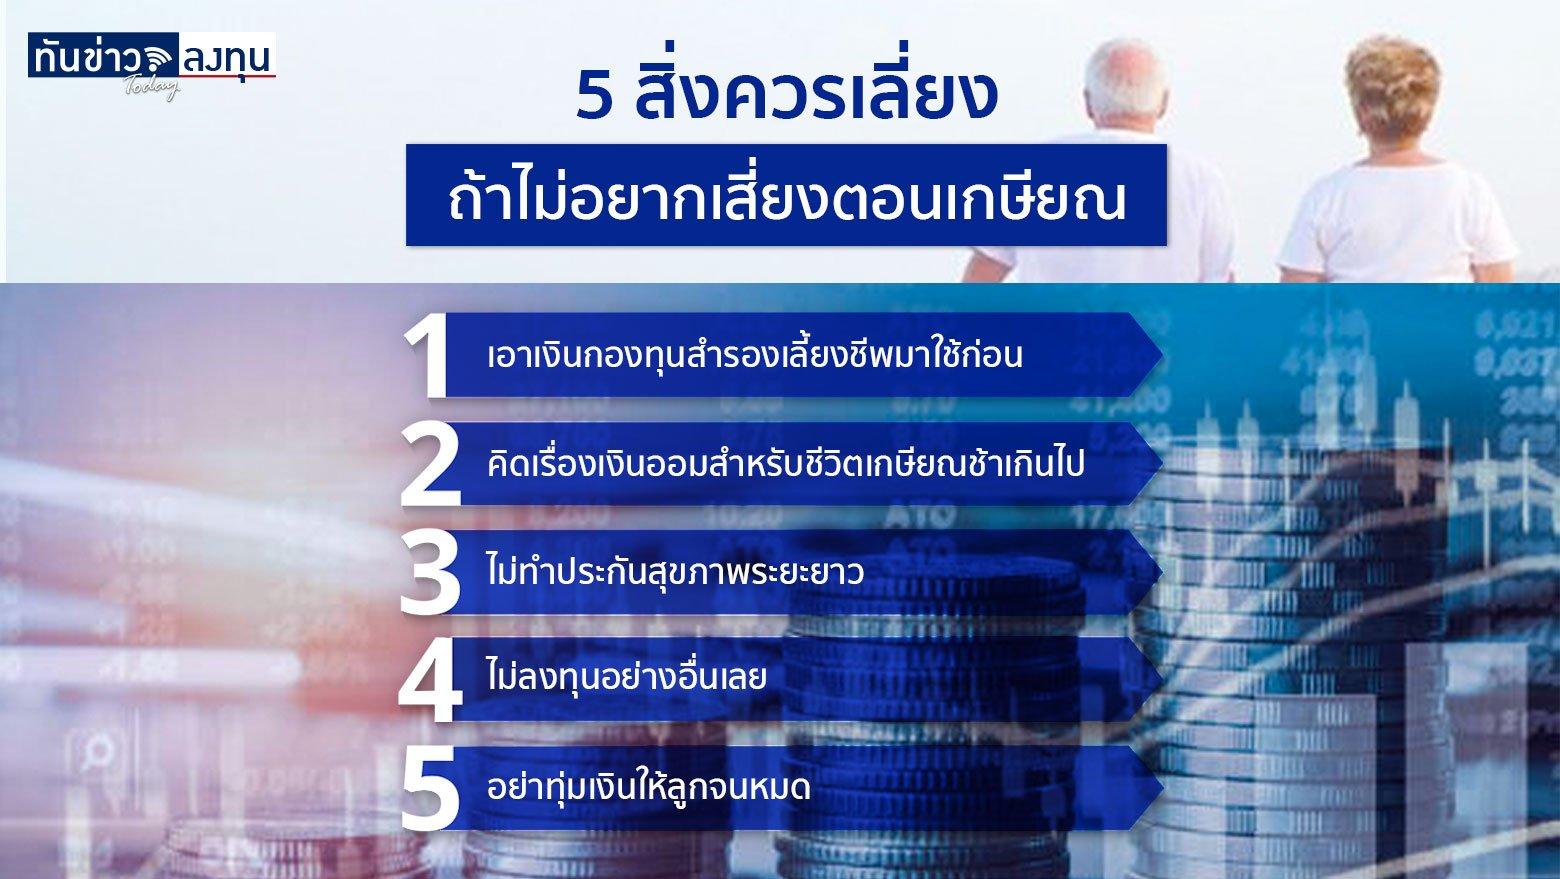 5 สิ่งควรเลี่ยง ถ้าไม่อยากเสี่ยงตอนเกษียณ